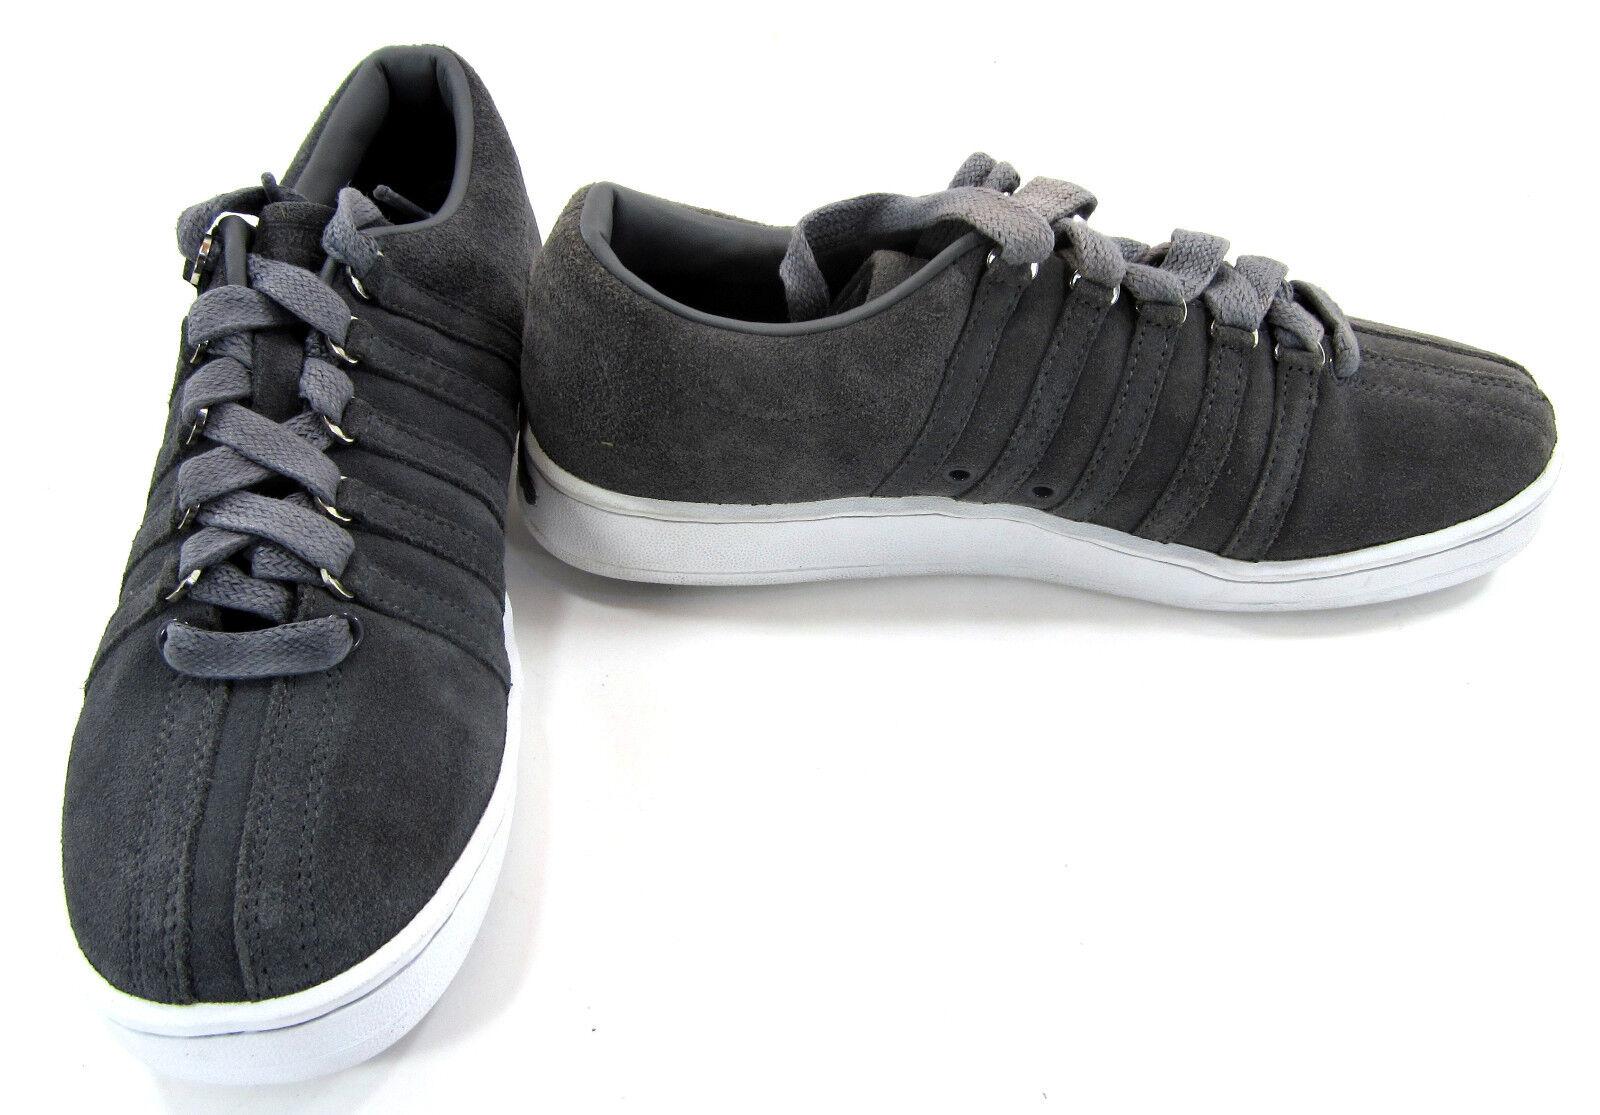 K-Swiss Shoes Suede Classic Lo Ribbed Gray Sneakers Size 8.5 Scarpe classiche da uomo